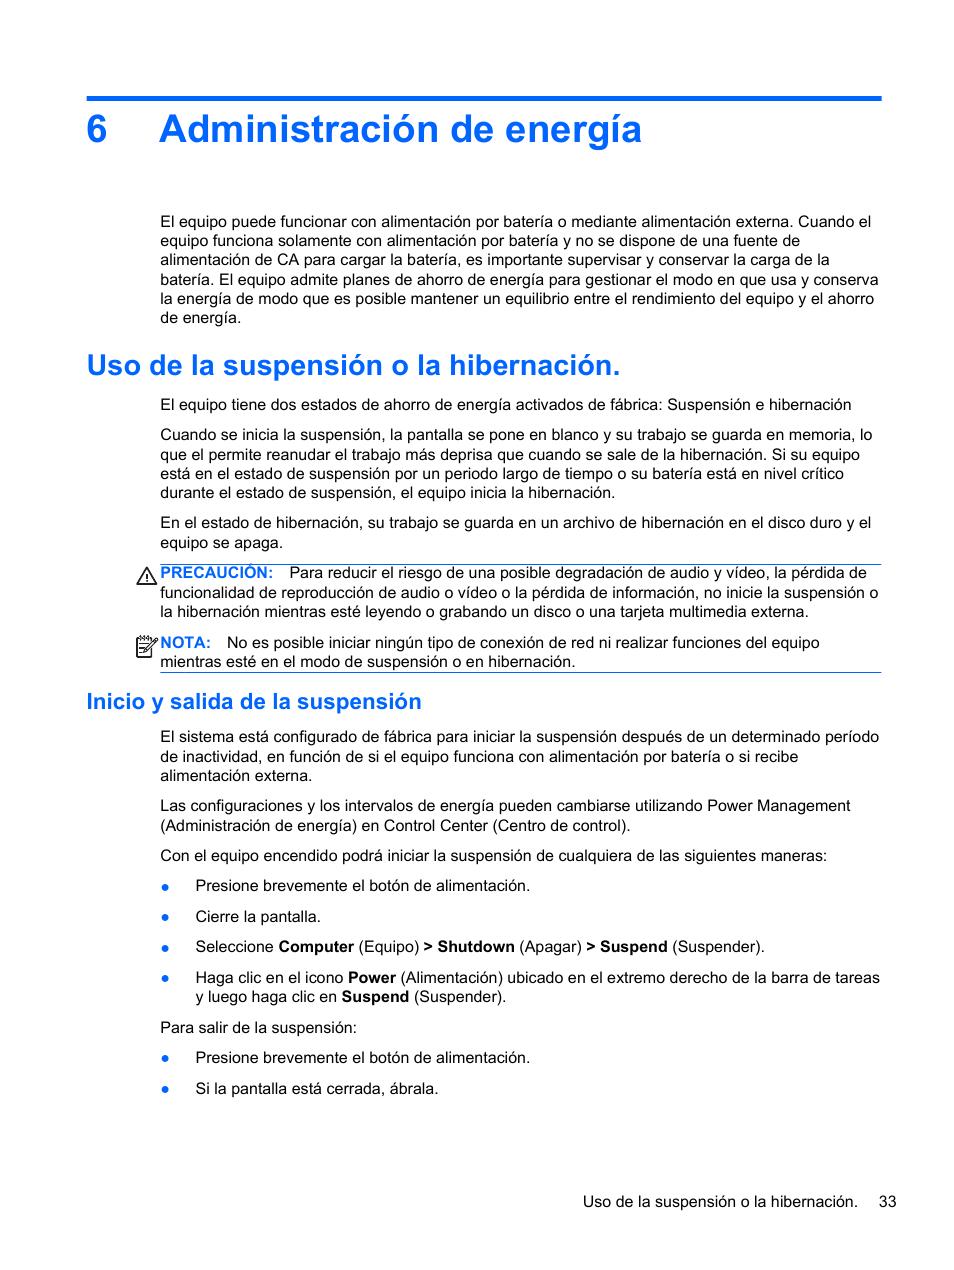 Atractivo Trabajos De Administración Reanudar Modelo - Ejemplo De ...